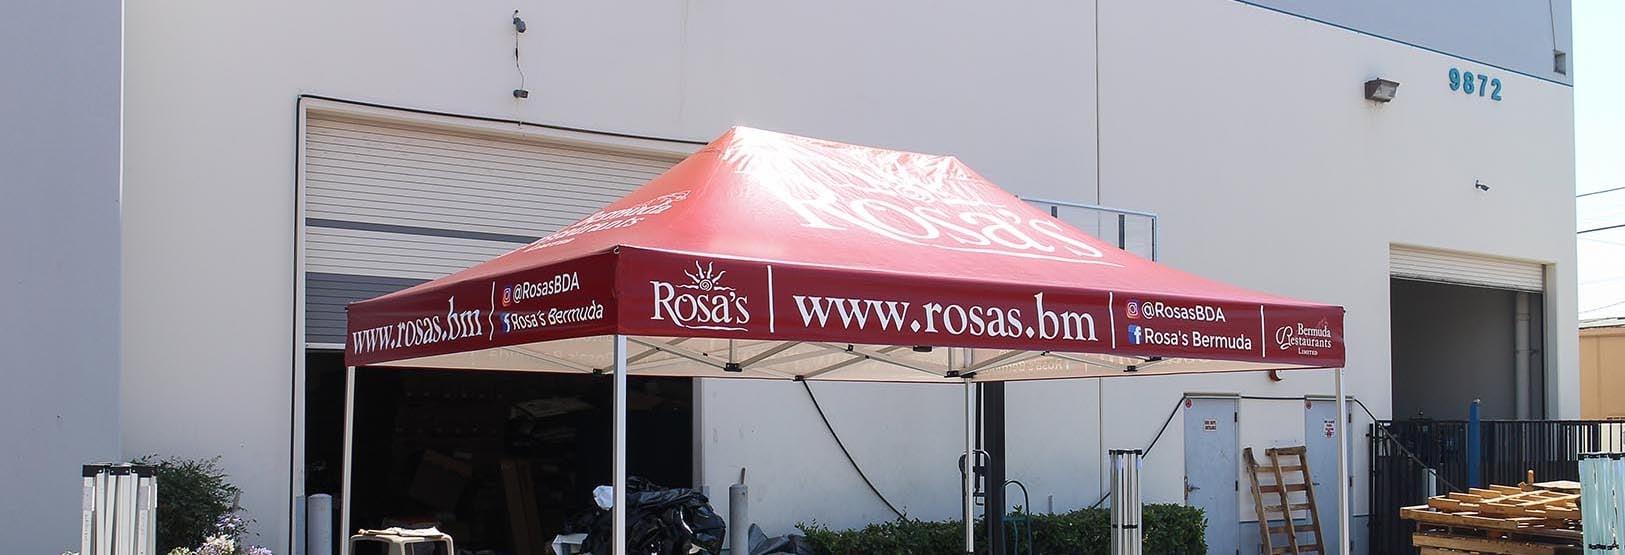 rosas-restaurant-header.jpg